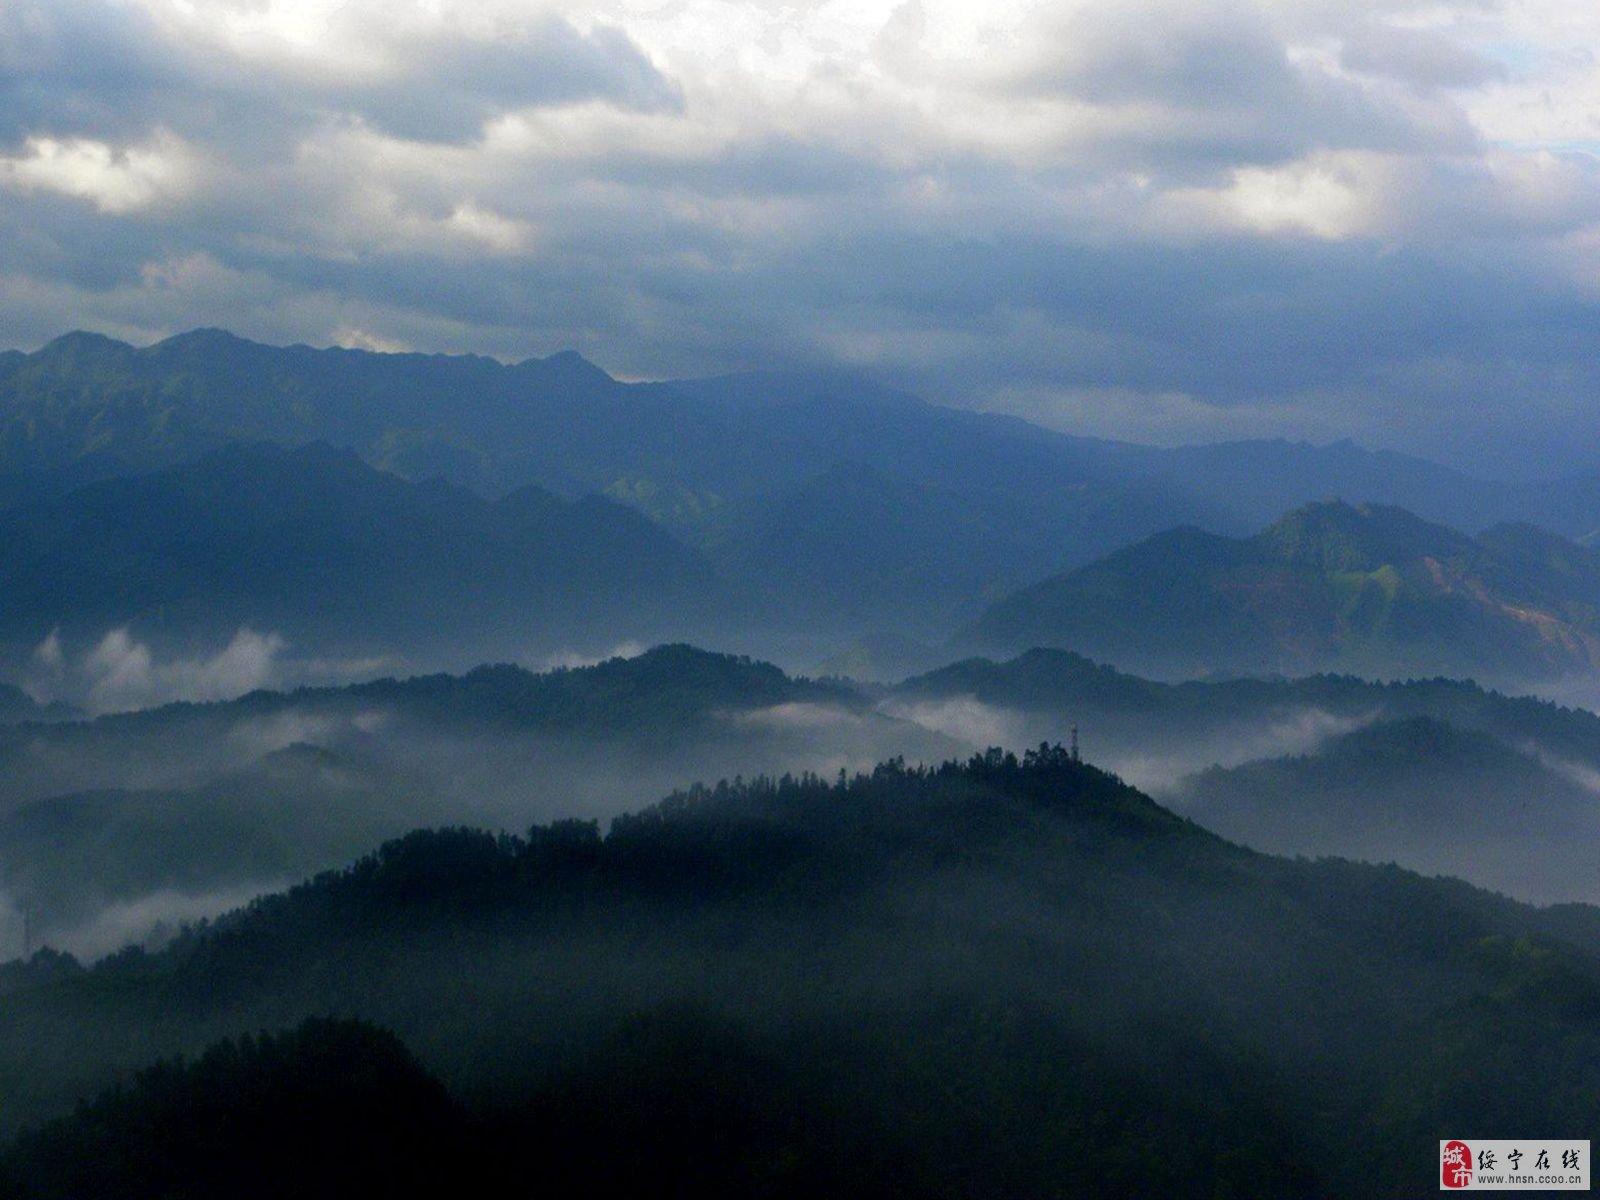 山水自然风景